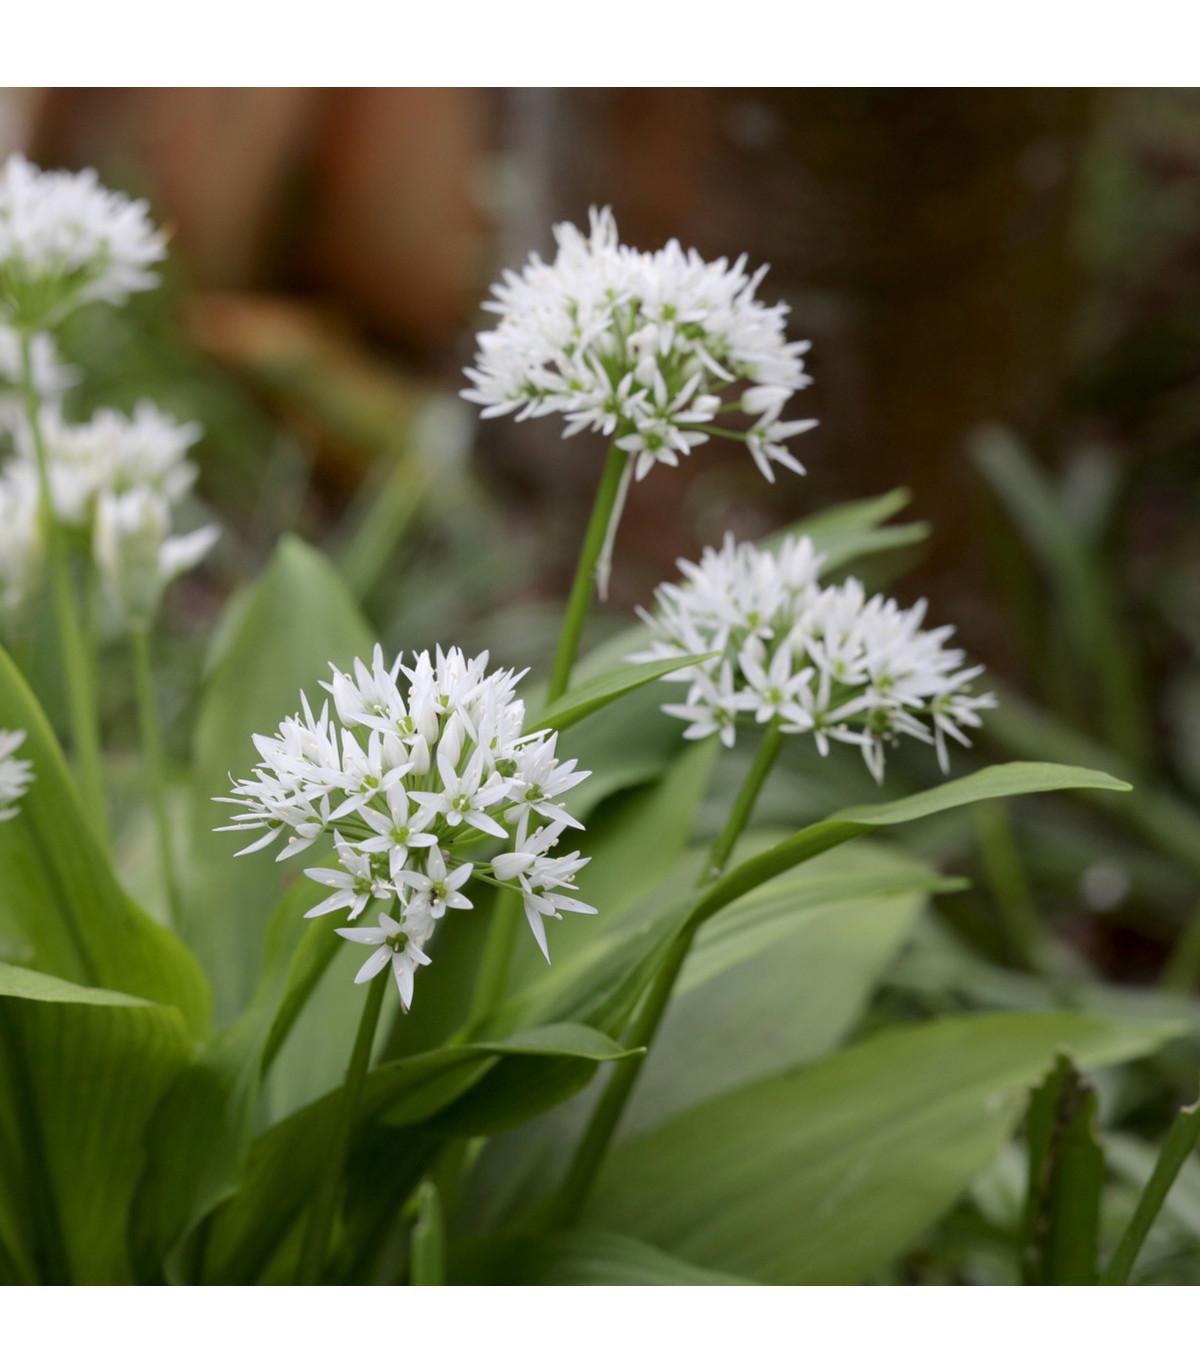 Česnek medvědí - Allium ursinum - cibule medvědího česneku - 3 ks